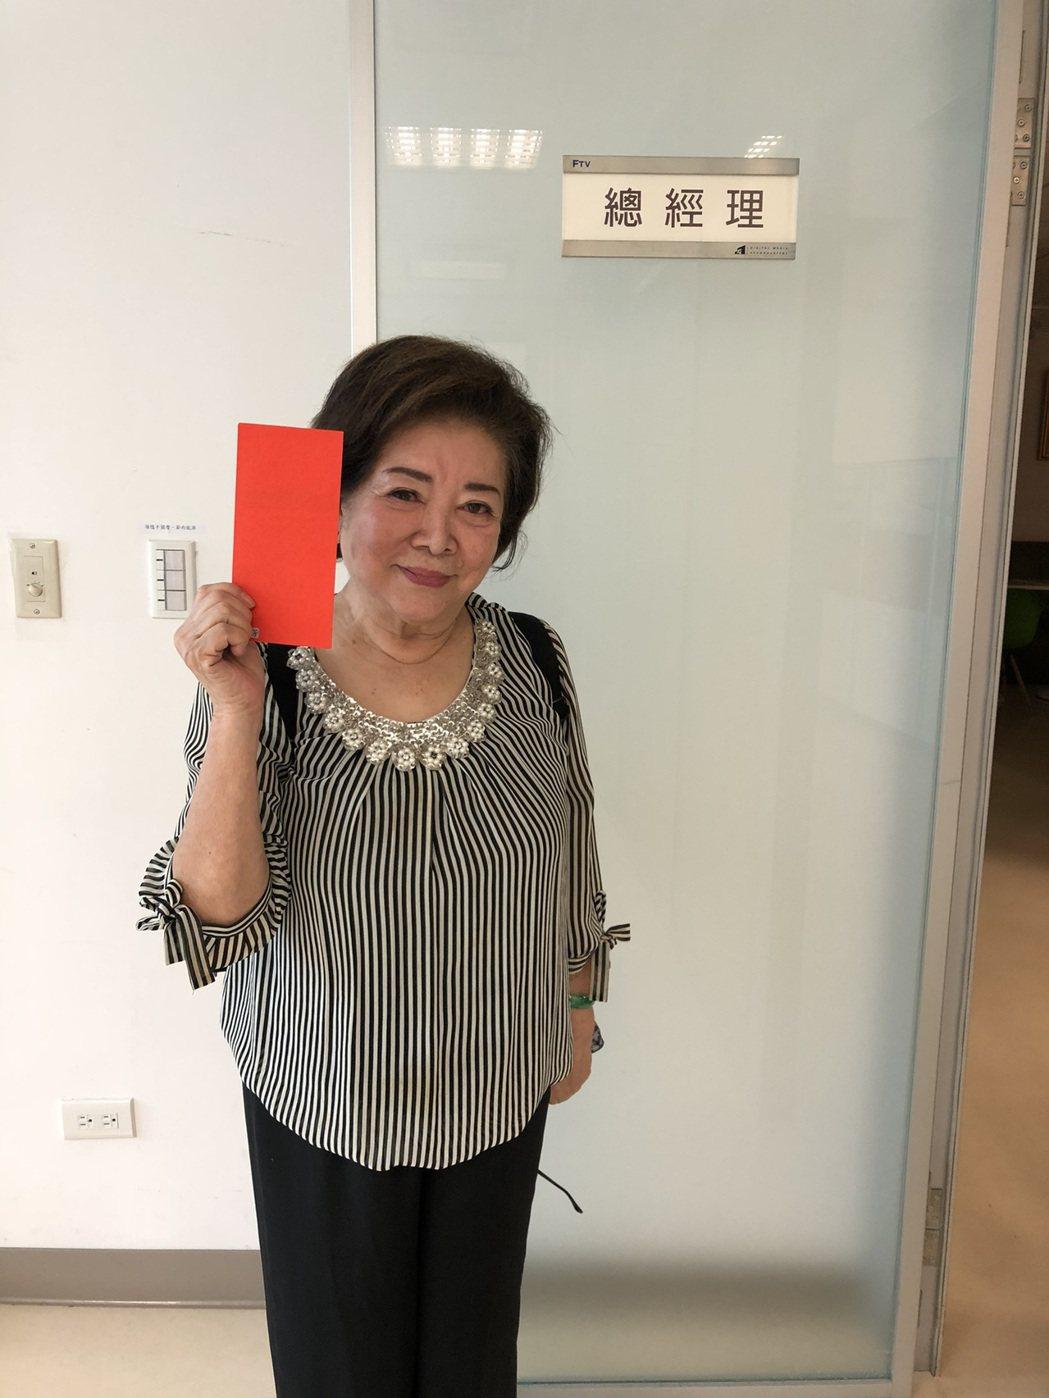 陳淑芳回民視發電影票。圖/民視提供